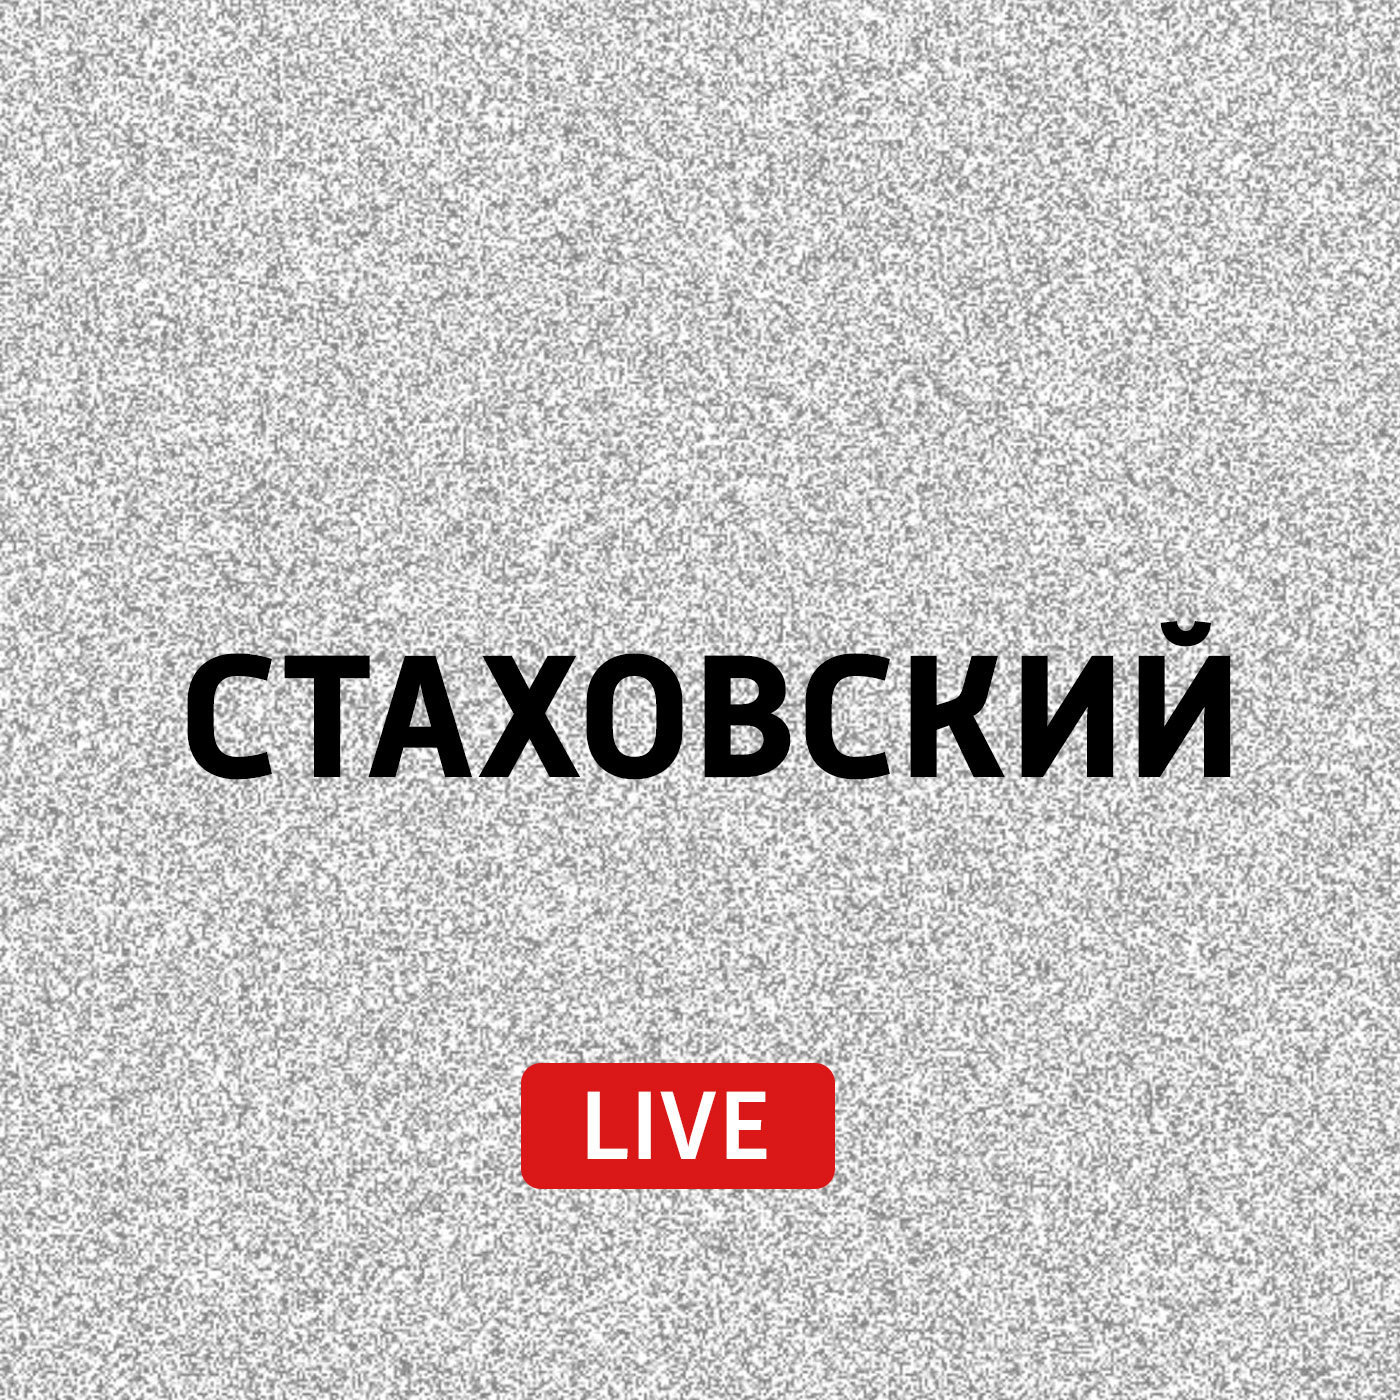 Евгений Стаховский О монохромном режиме, «картошке и Москве клёц евгений время тьмы источник скверны